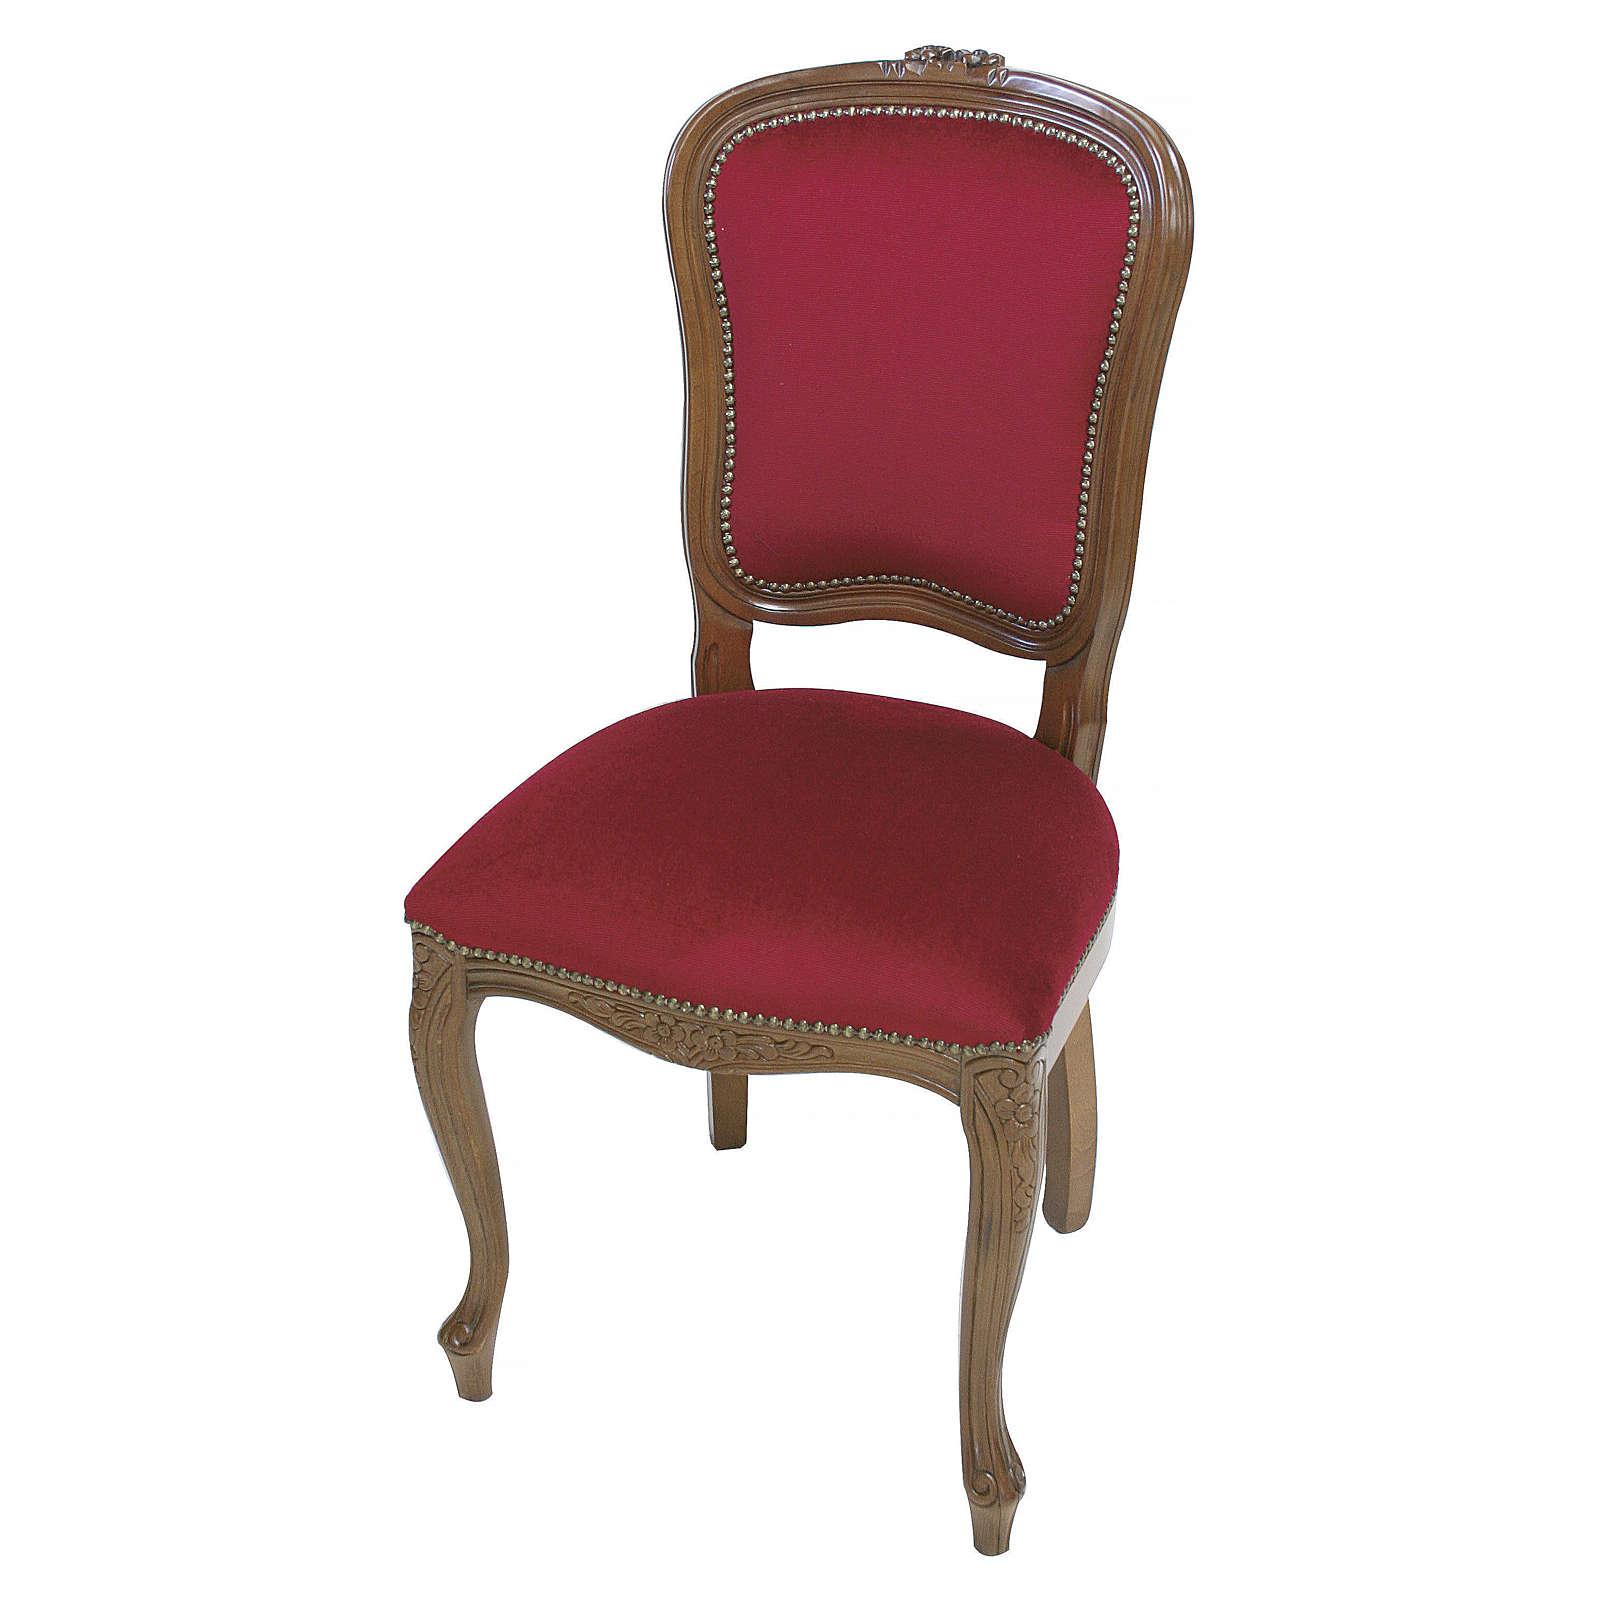 Sedia barocca legno noce velluto rosso   vendita online su ...